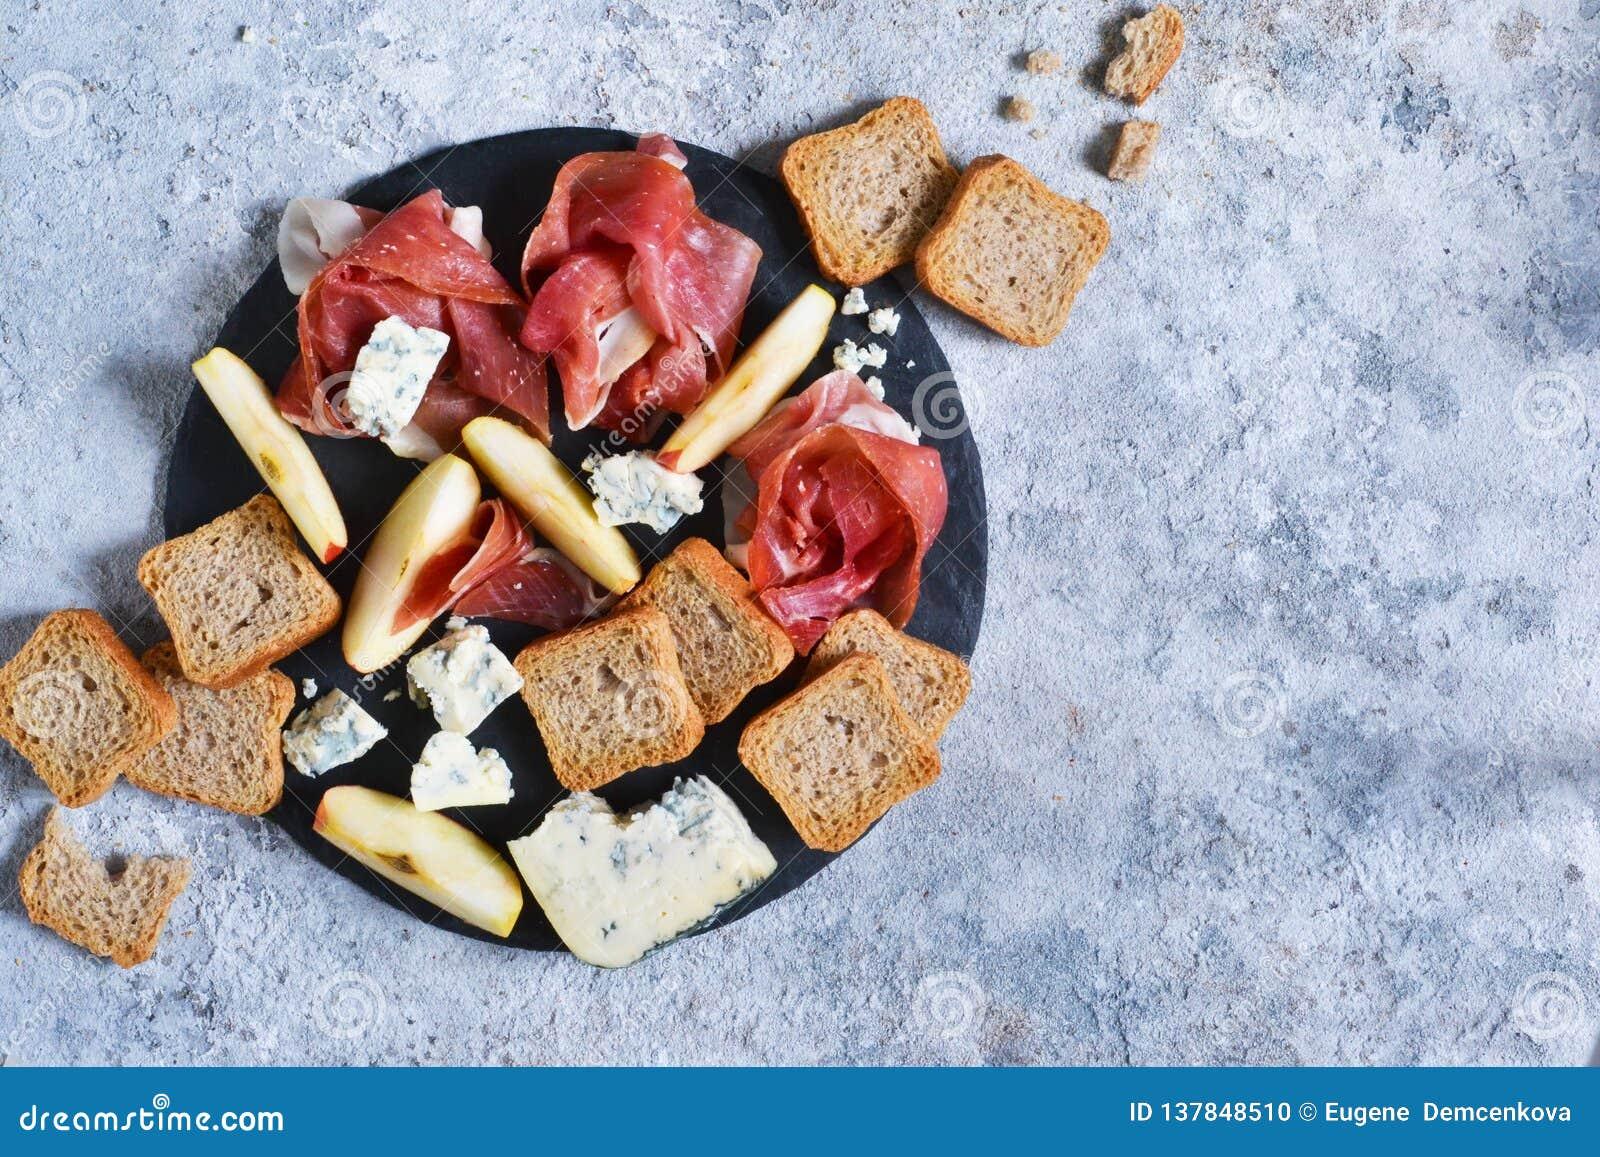 Schieferplatte mit Zartheit: jamon, Blauschimmelkäse, Briekäse Ansicht von oben